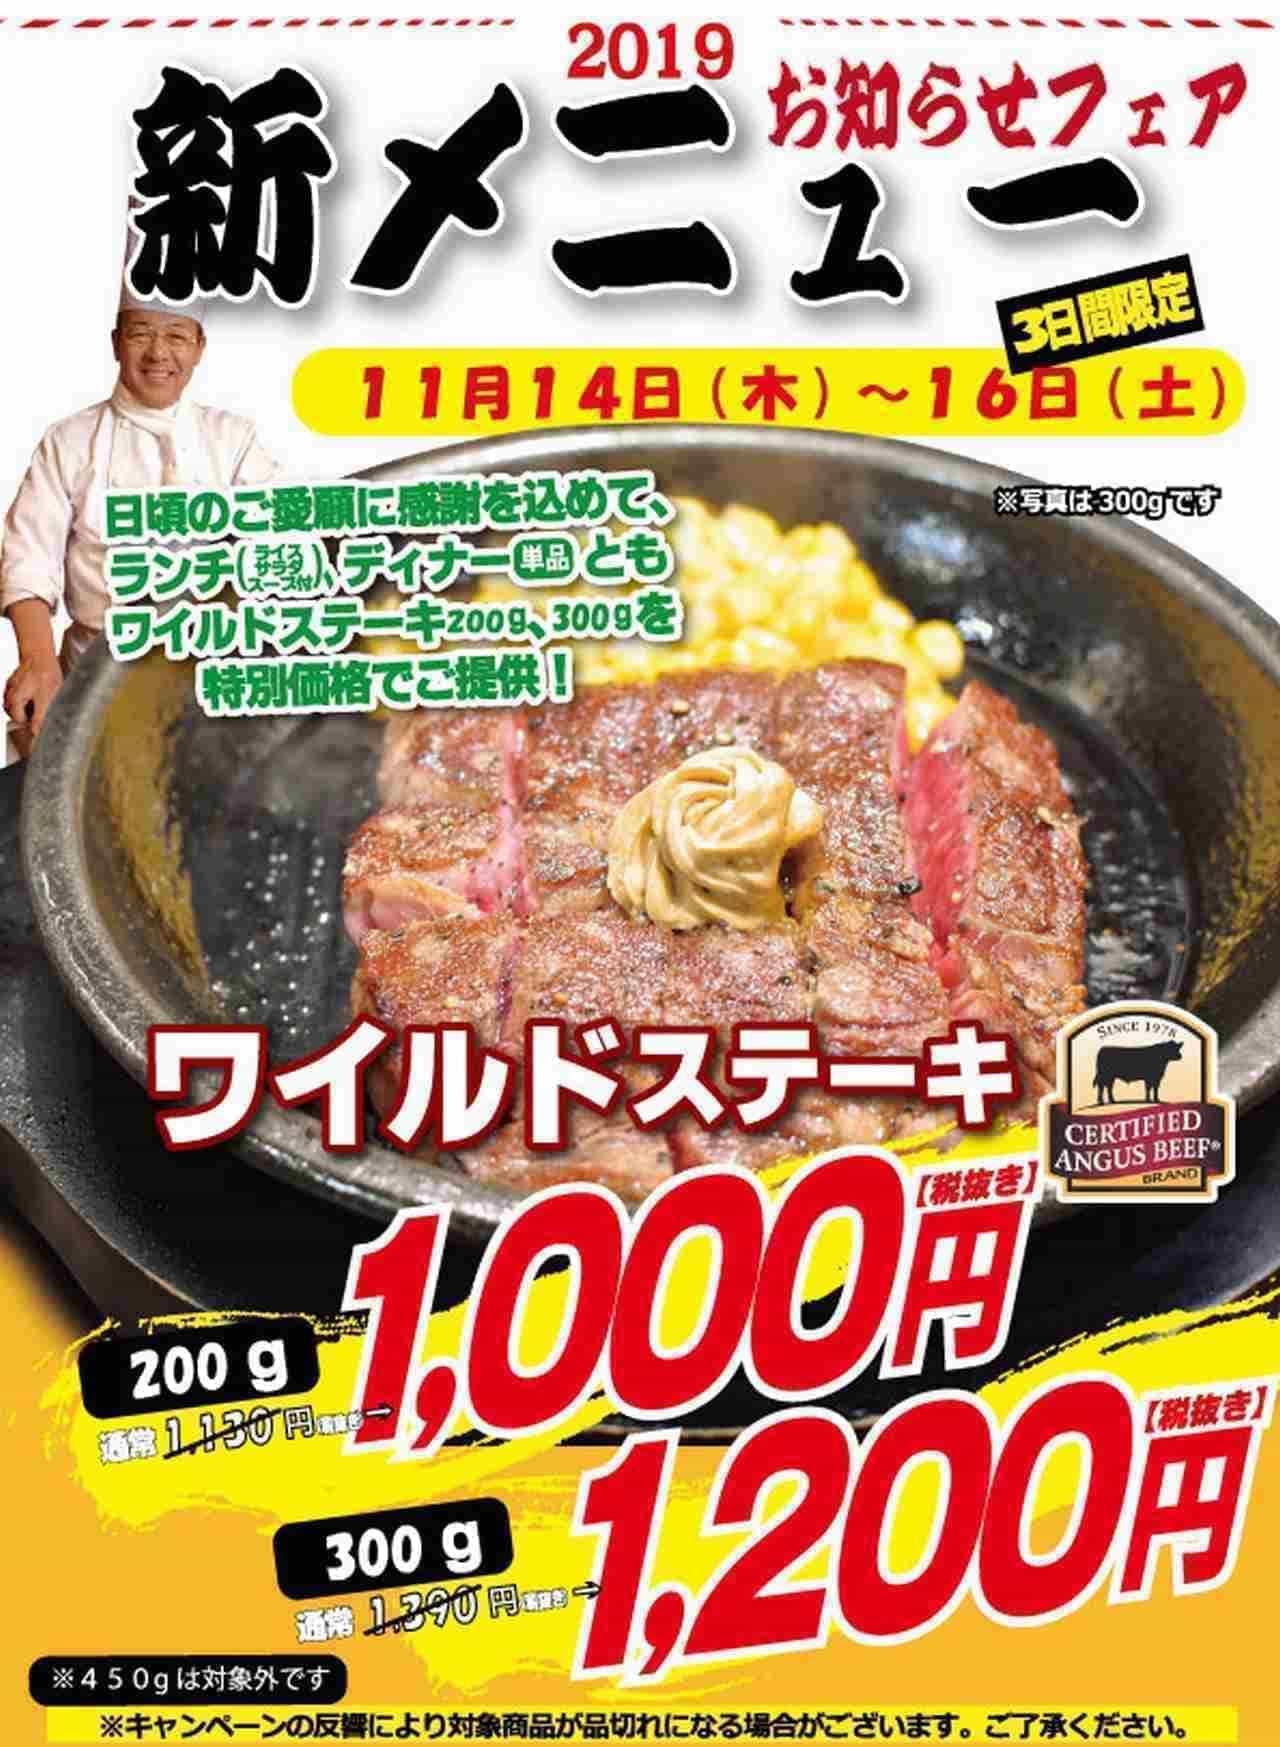 """いきなり!ステーキで""""ワイルドステーキ200g""""が今だけ1,000円"""